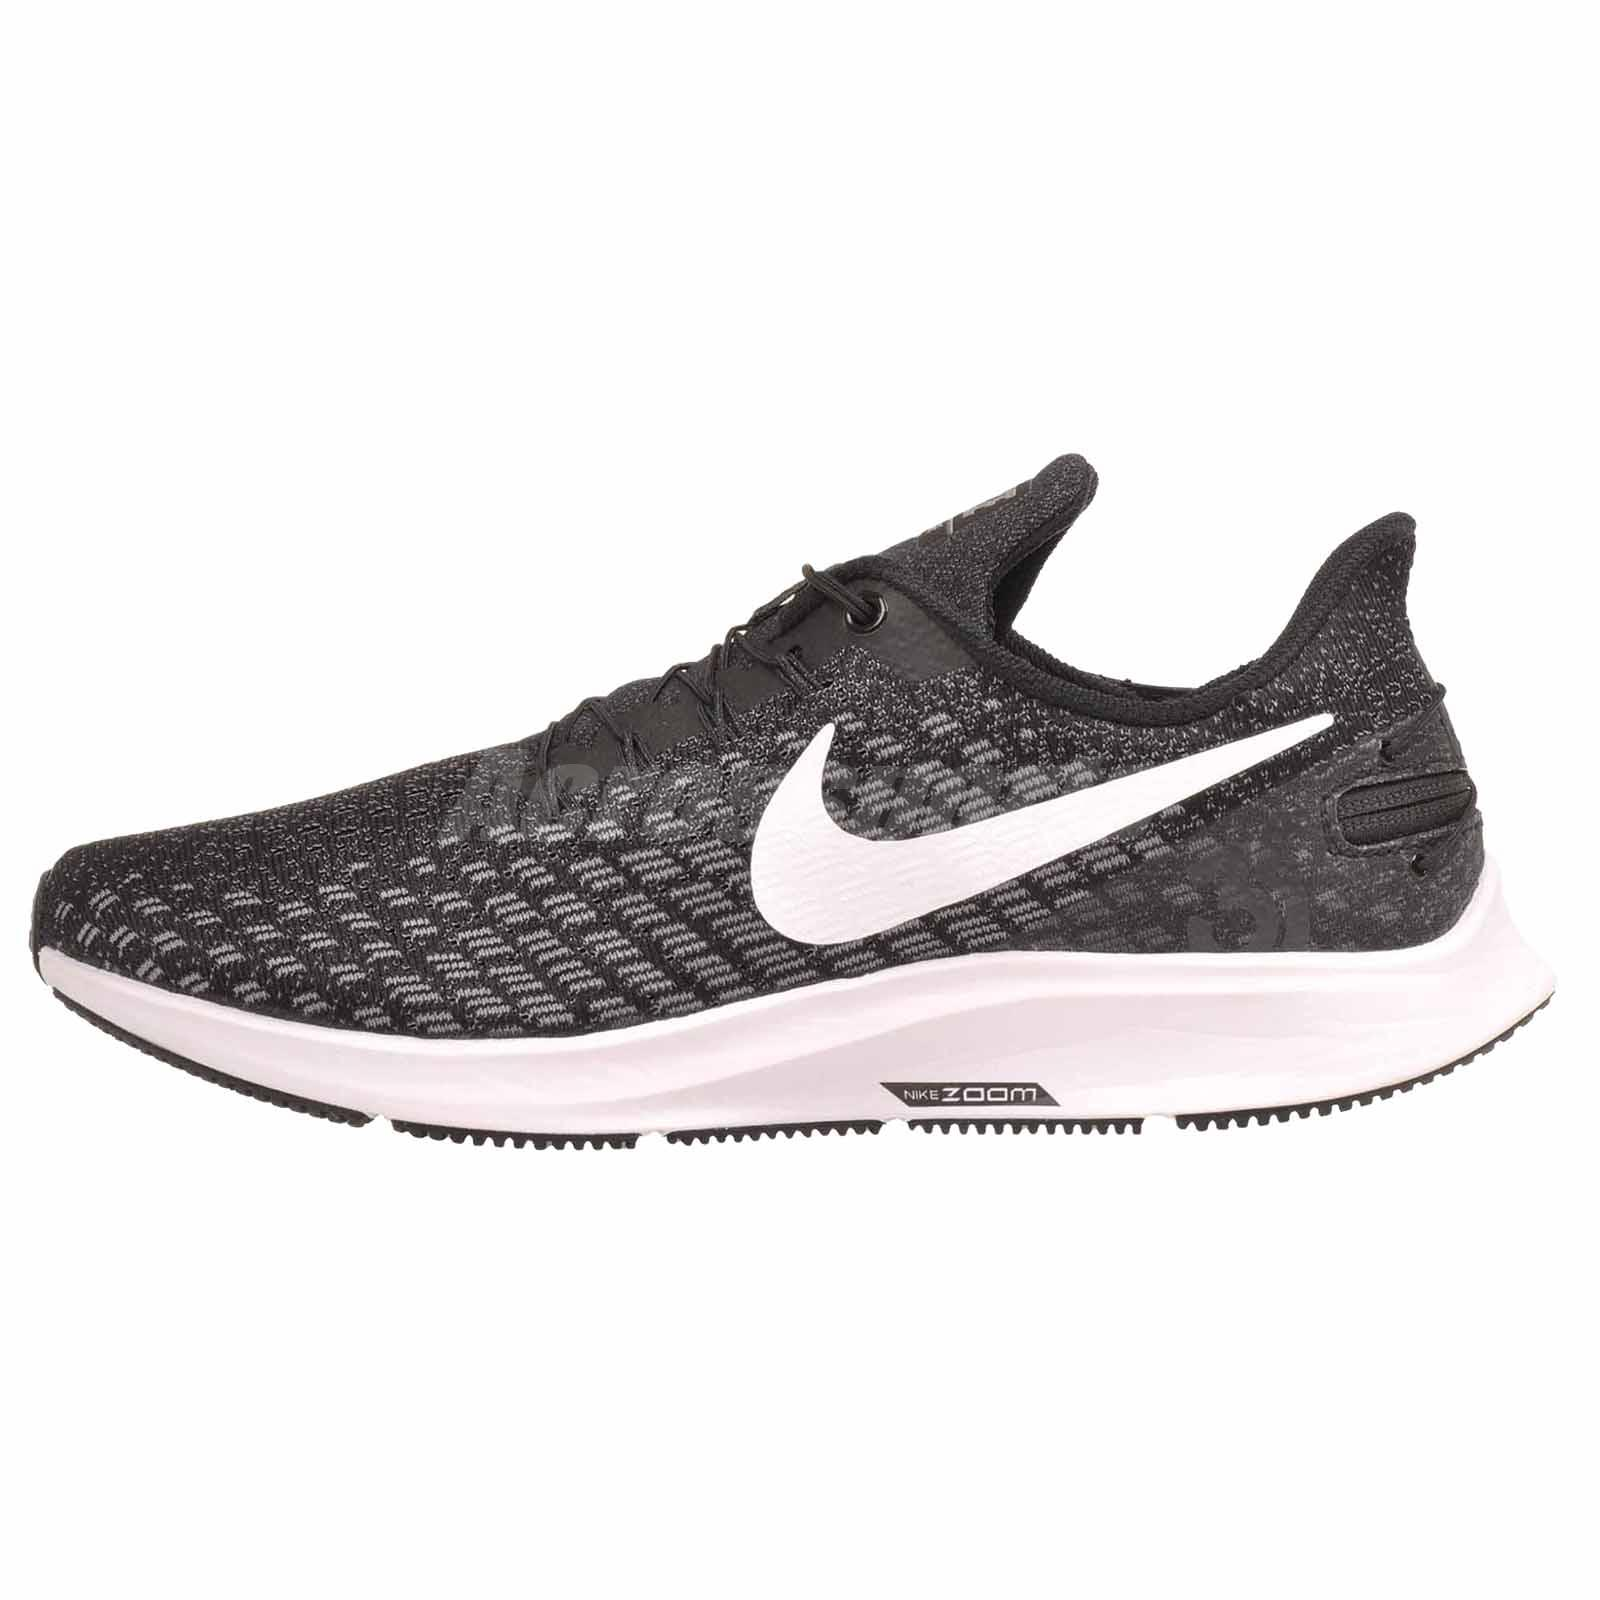 Details about Nike W Air Zoom Pegasus 35 Flyease Running Mens Shoes Black NWOB AV2314 010